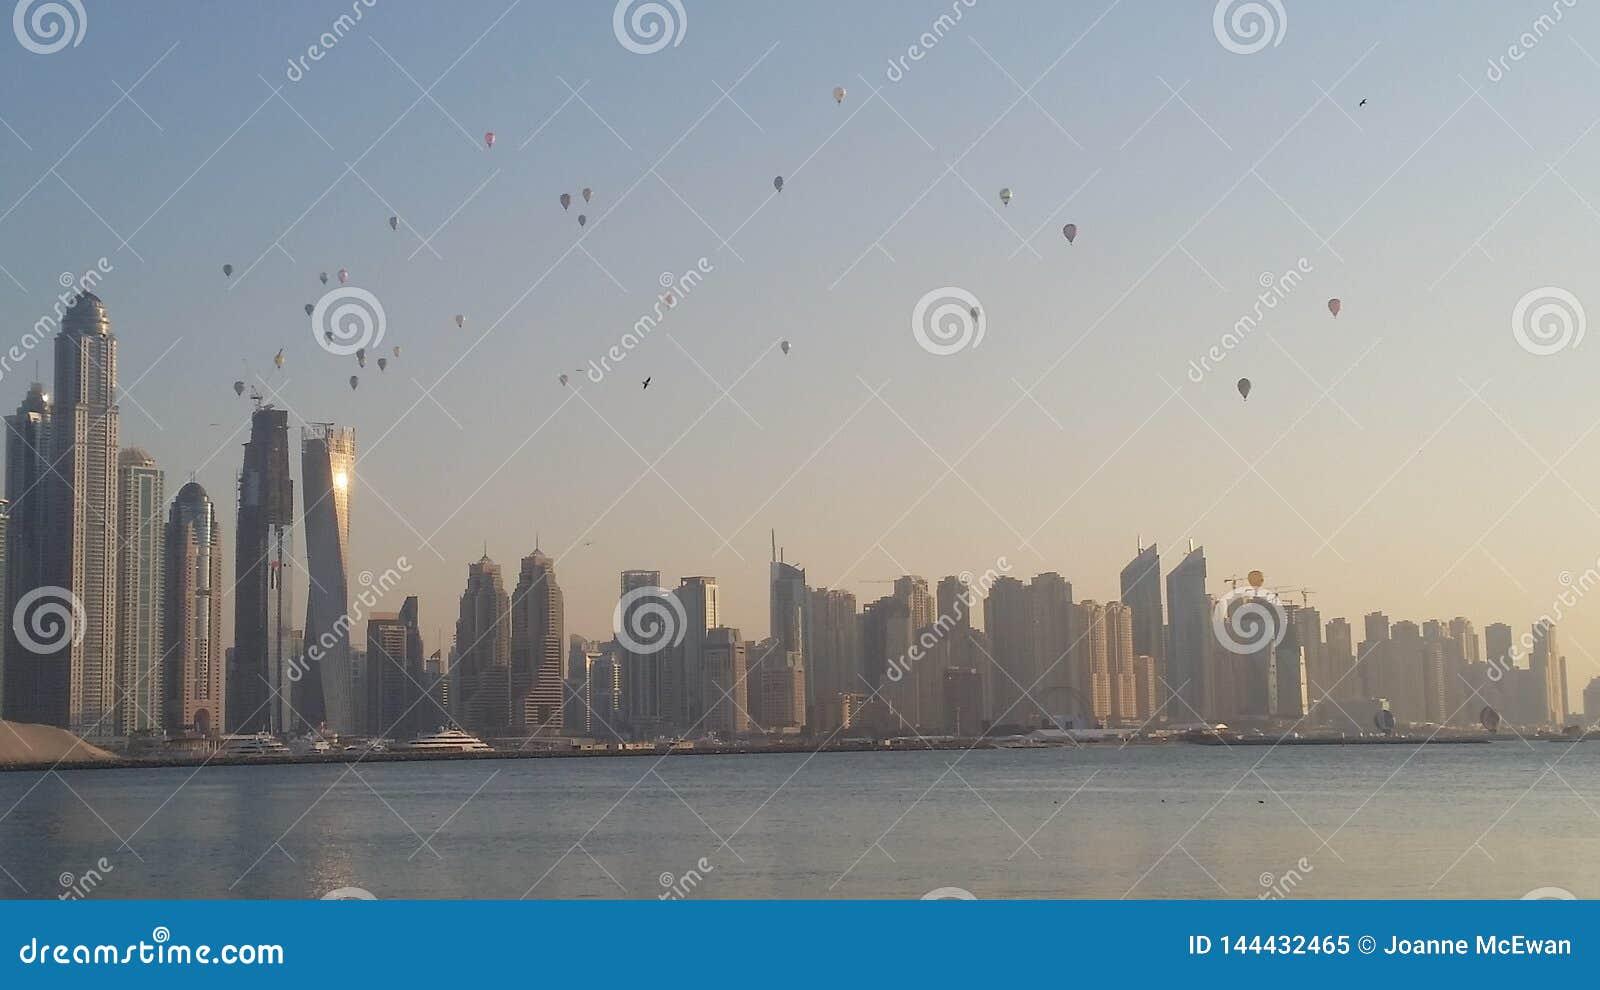 Hot air Balloons Dubai skyline buildings